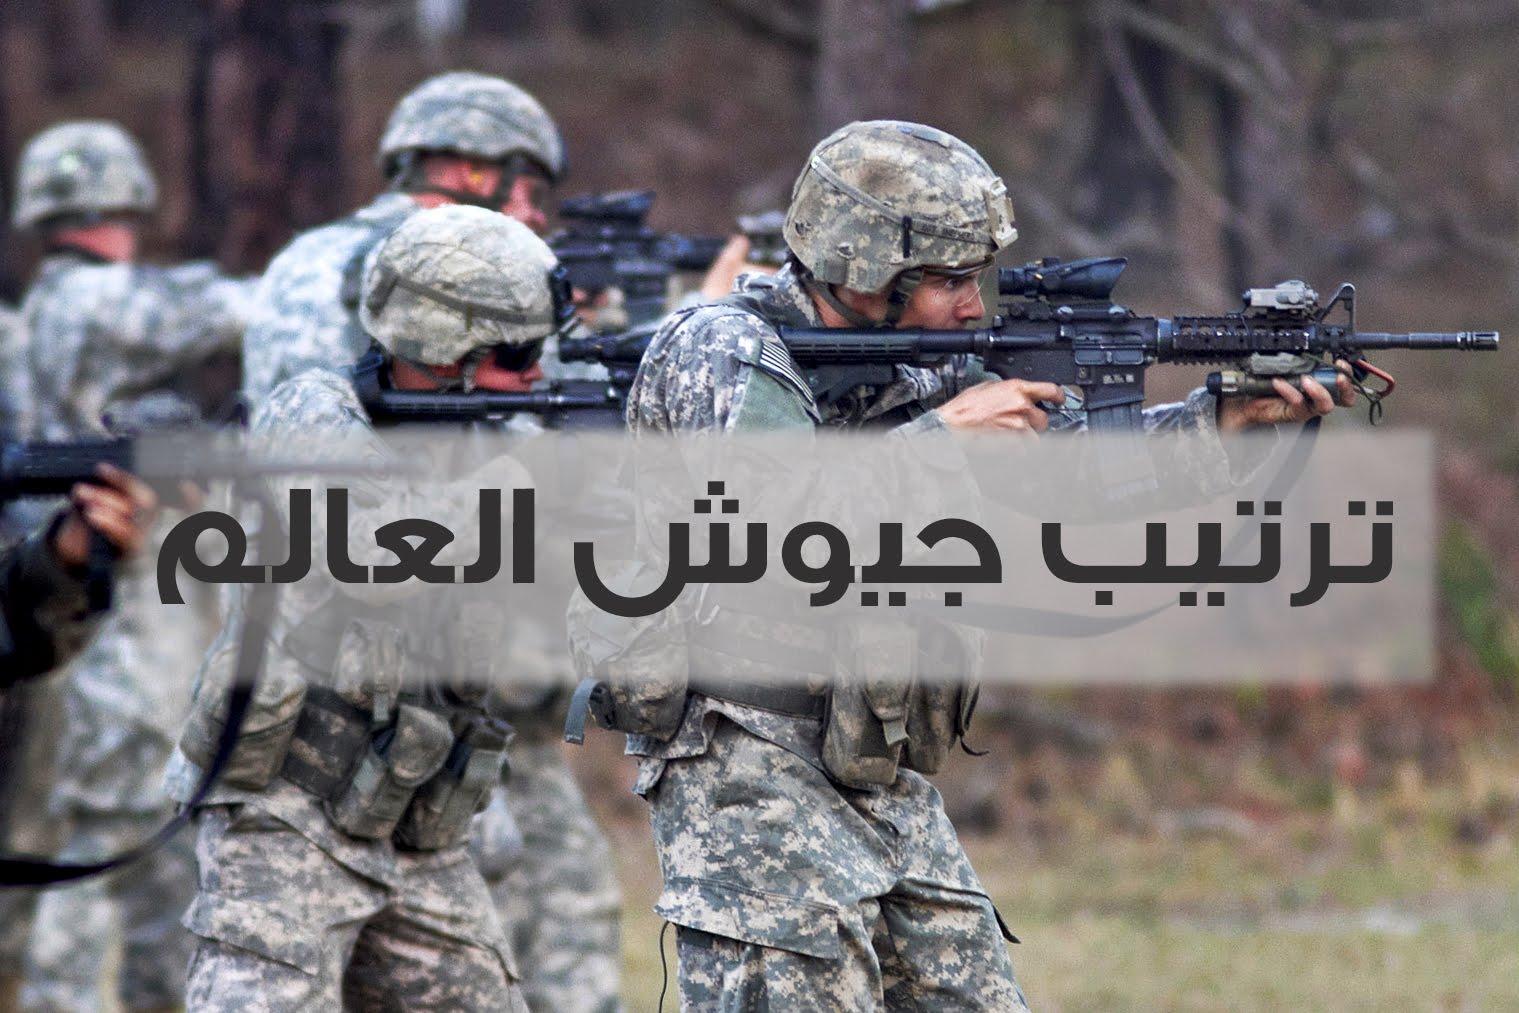 بالصور اقوي جيش في العالم , قائمة باقوي الجيوش في العالم 2968 1